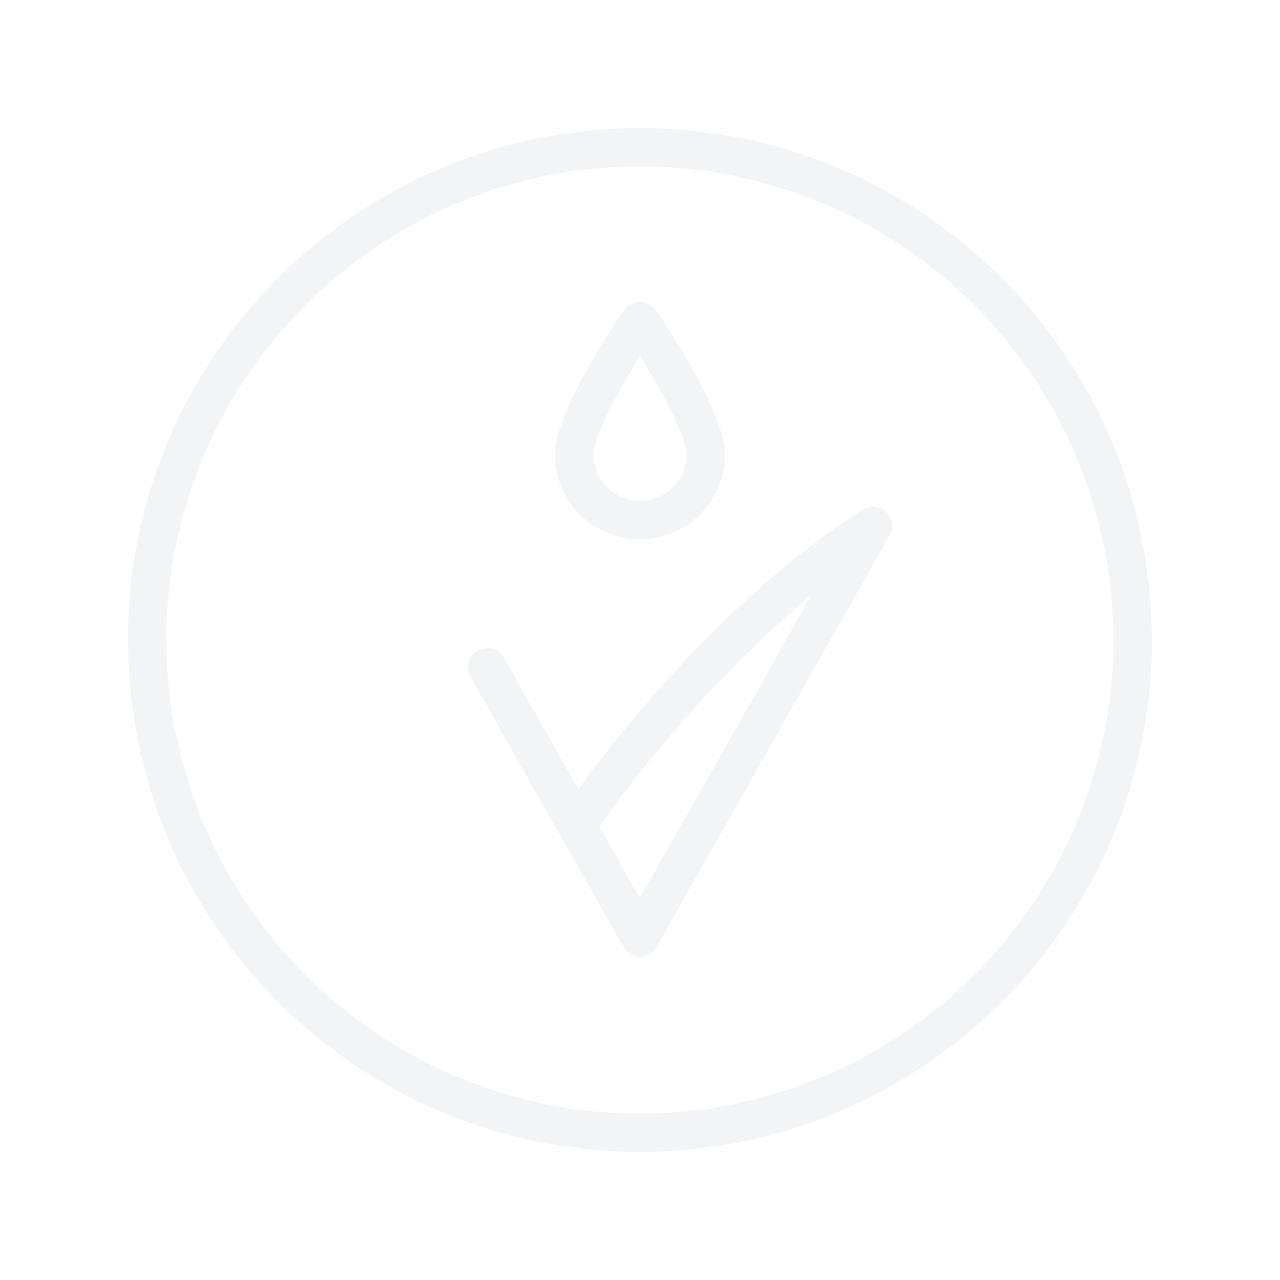 Macadamia Tervendav juukseõli 125ml